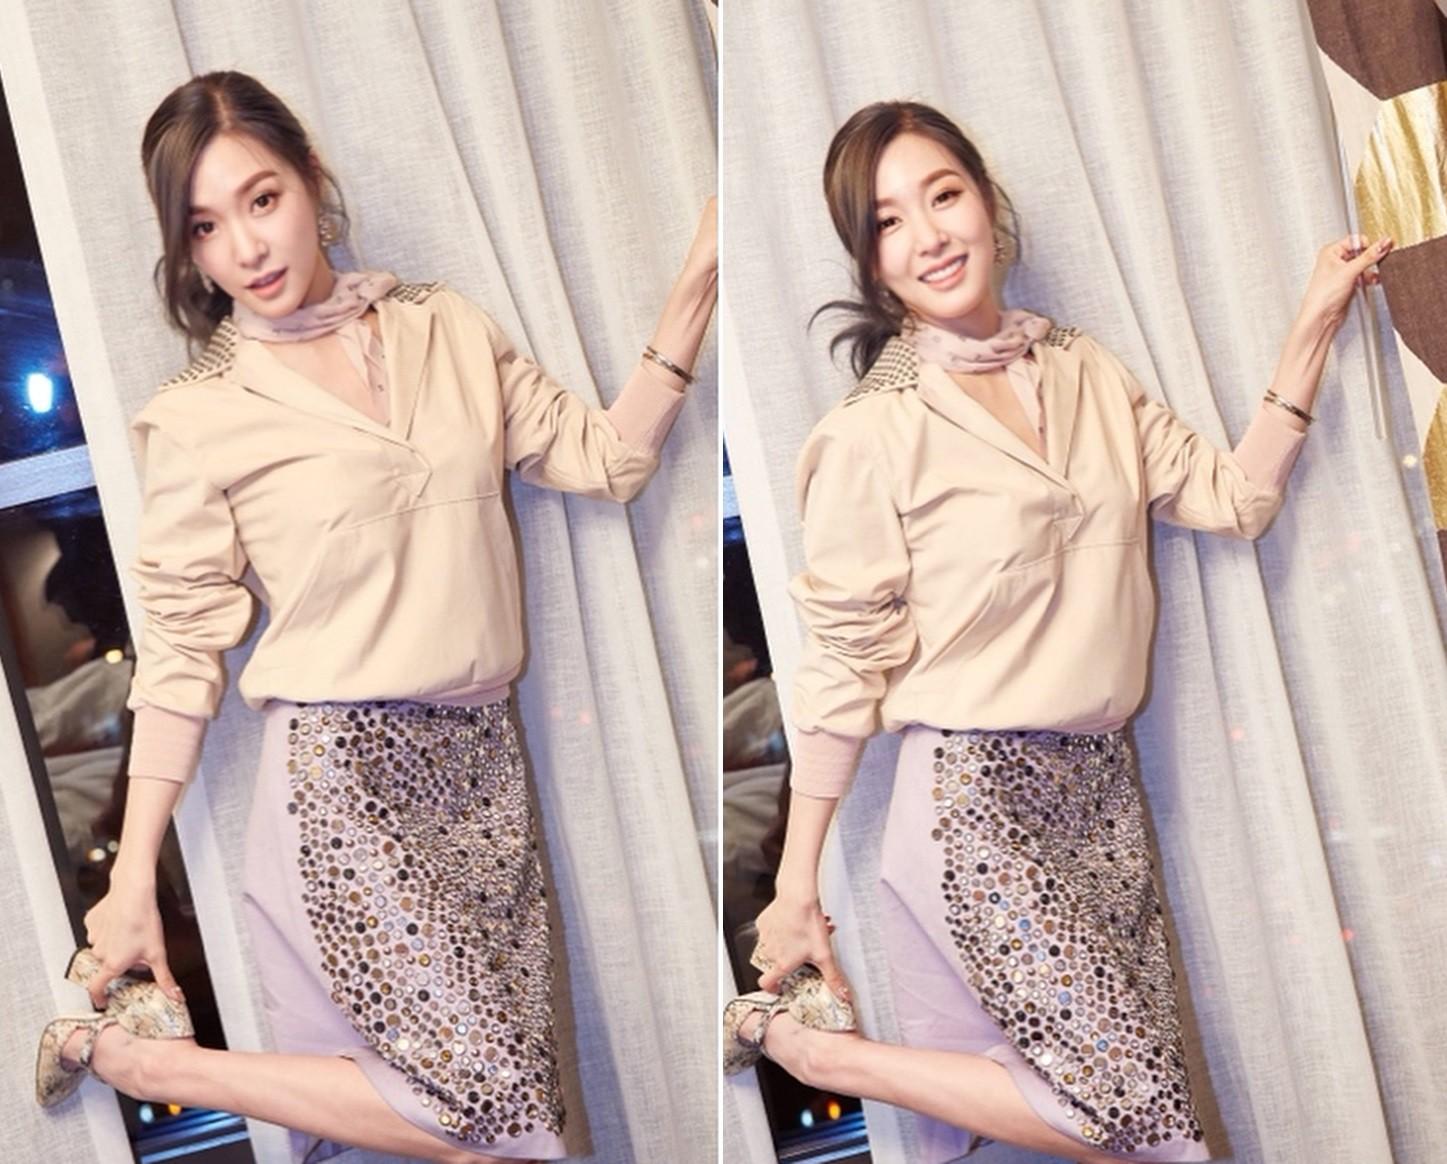 Vừa rời khỏi SM, nhan sắc và phong cách của Tiffany đã tuột dốc thê thảm - Ảnh 3.